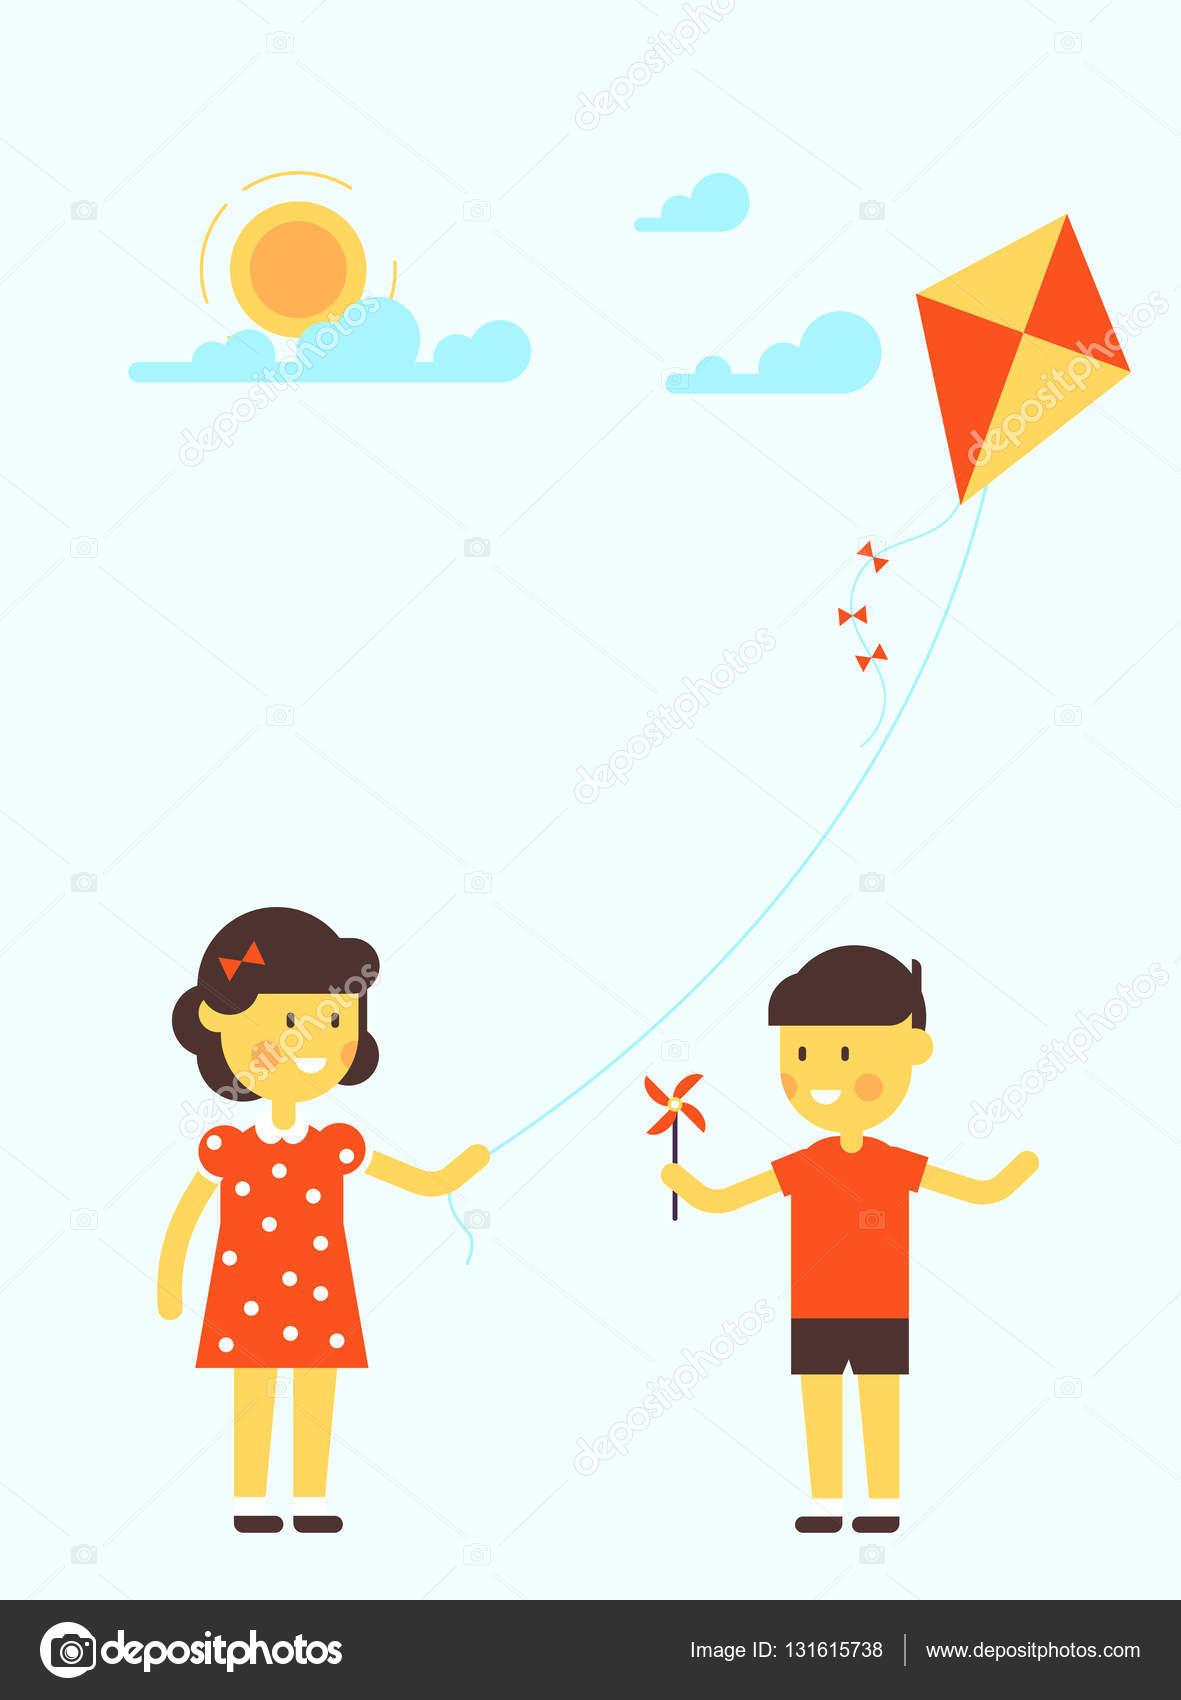 Ittle Mädchen und Jungen mit kite — Stockvektor © Zodchiy #131615738